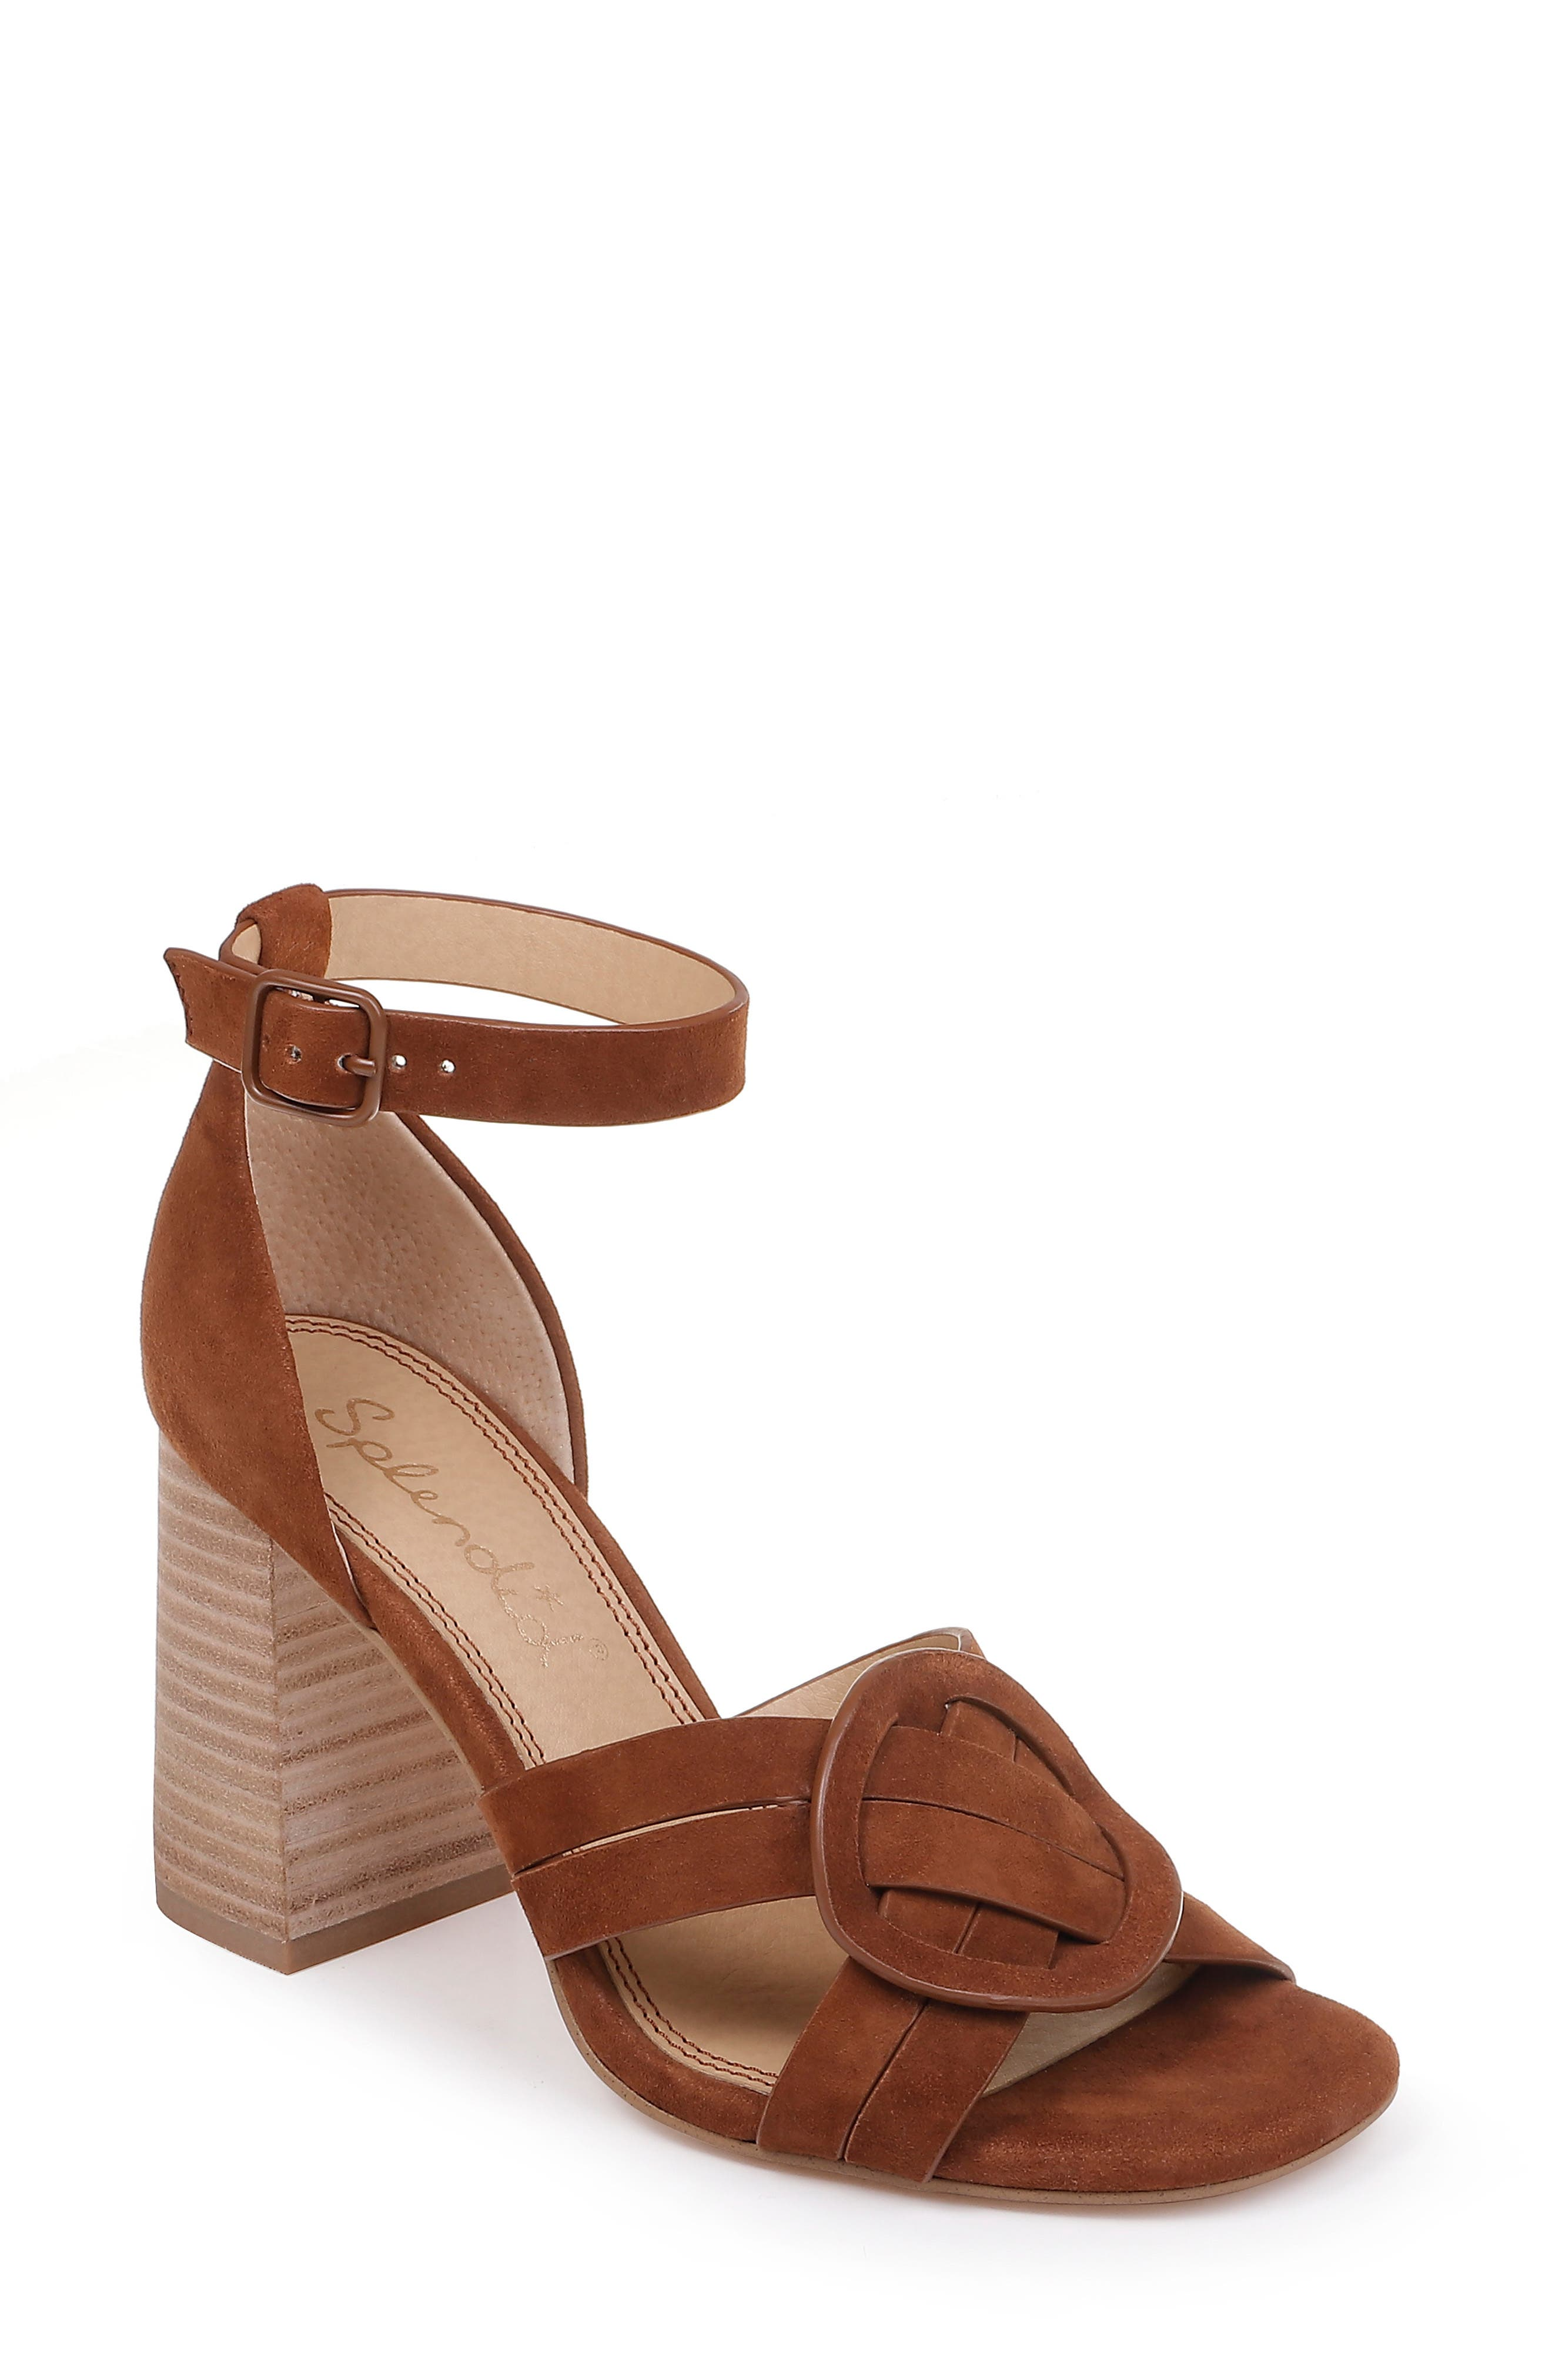 SPLENDID Tallie Ankle Strap Sandal, Main, color, CHESTNUT SUEDE